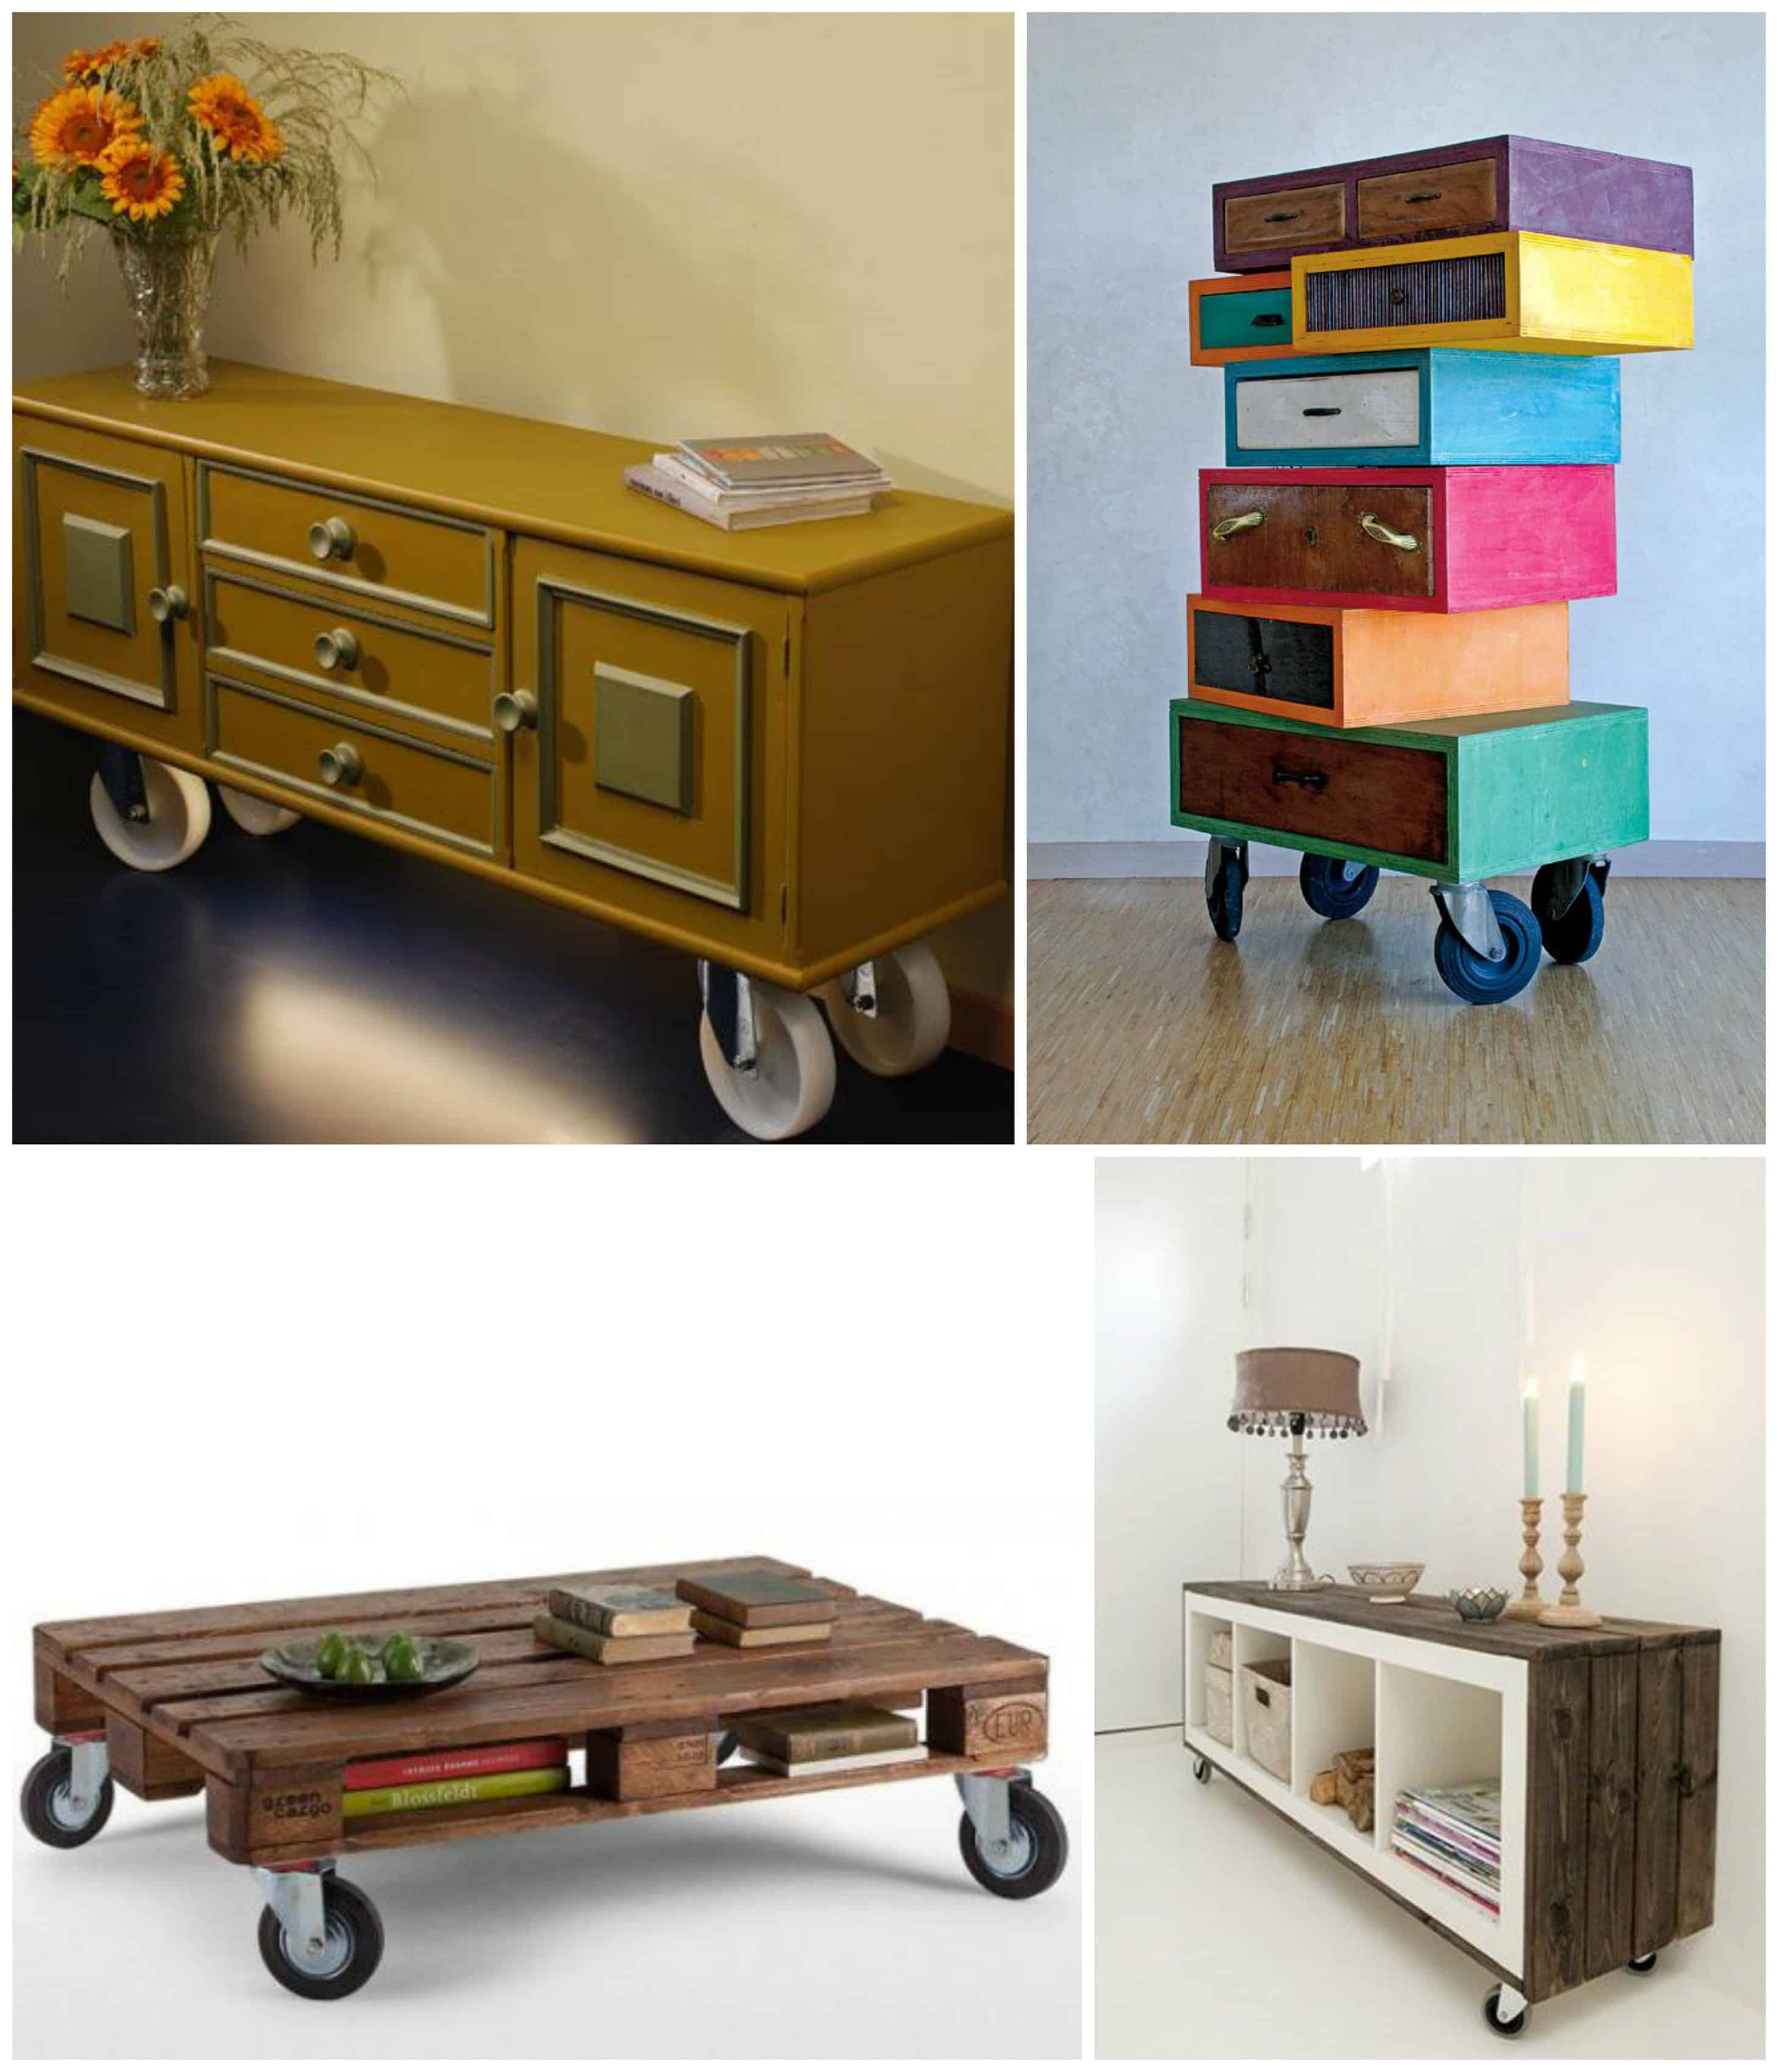 mobili di recupero con ruote, ruote per mobili